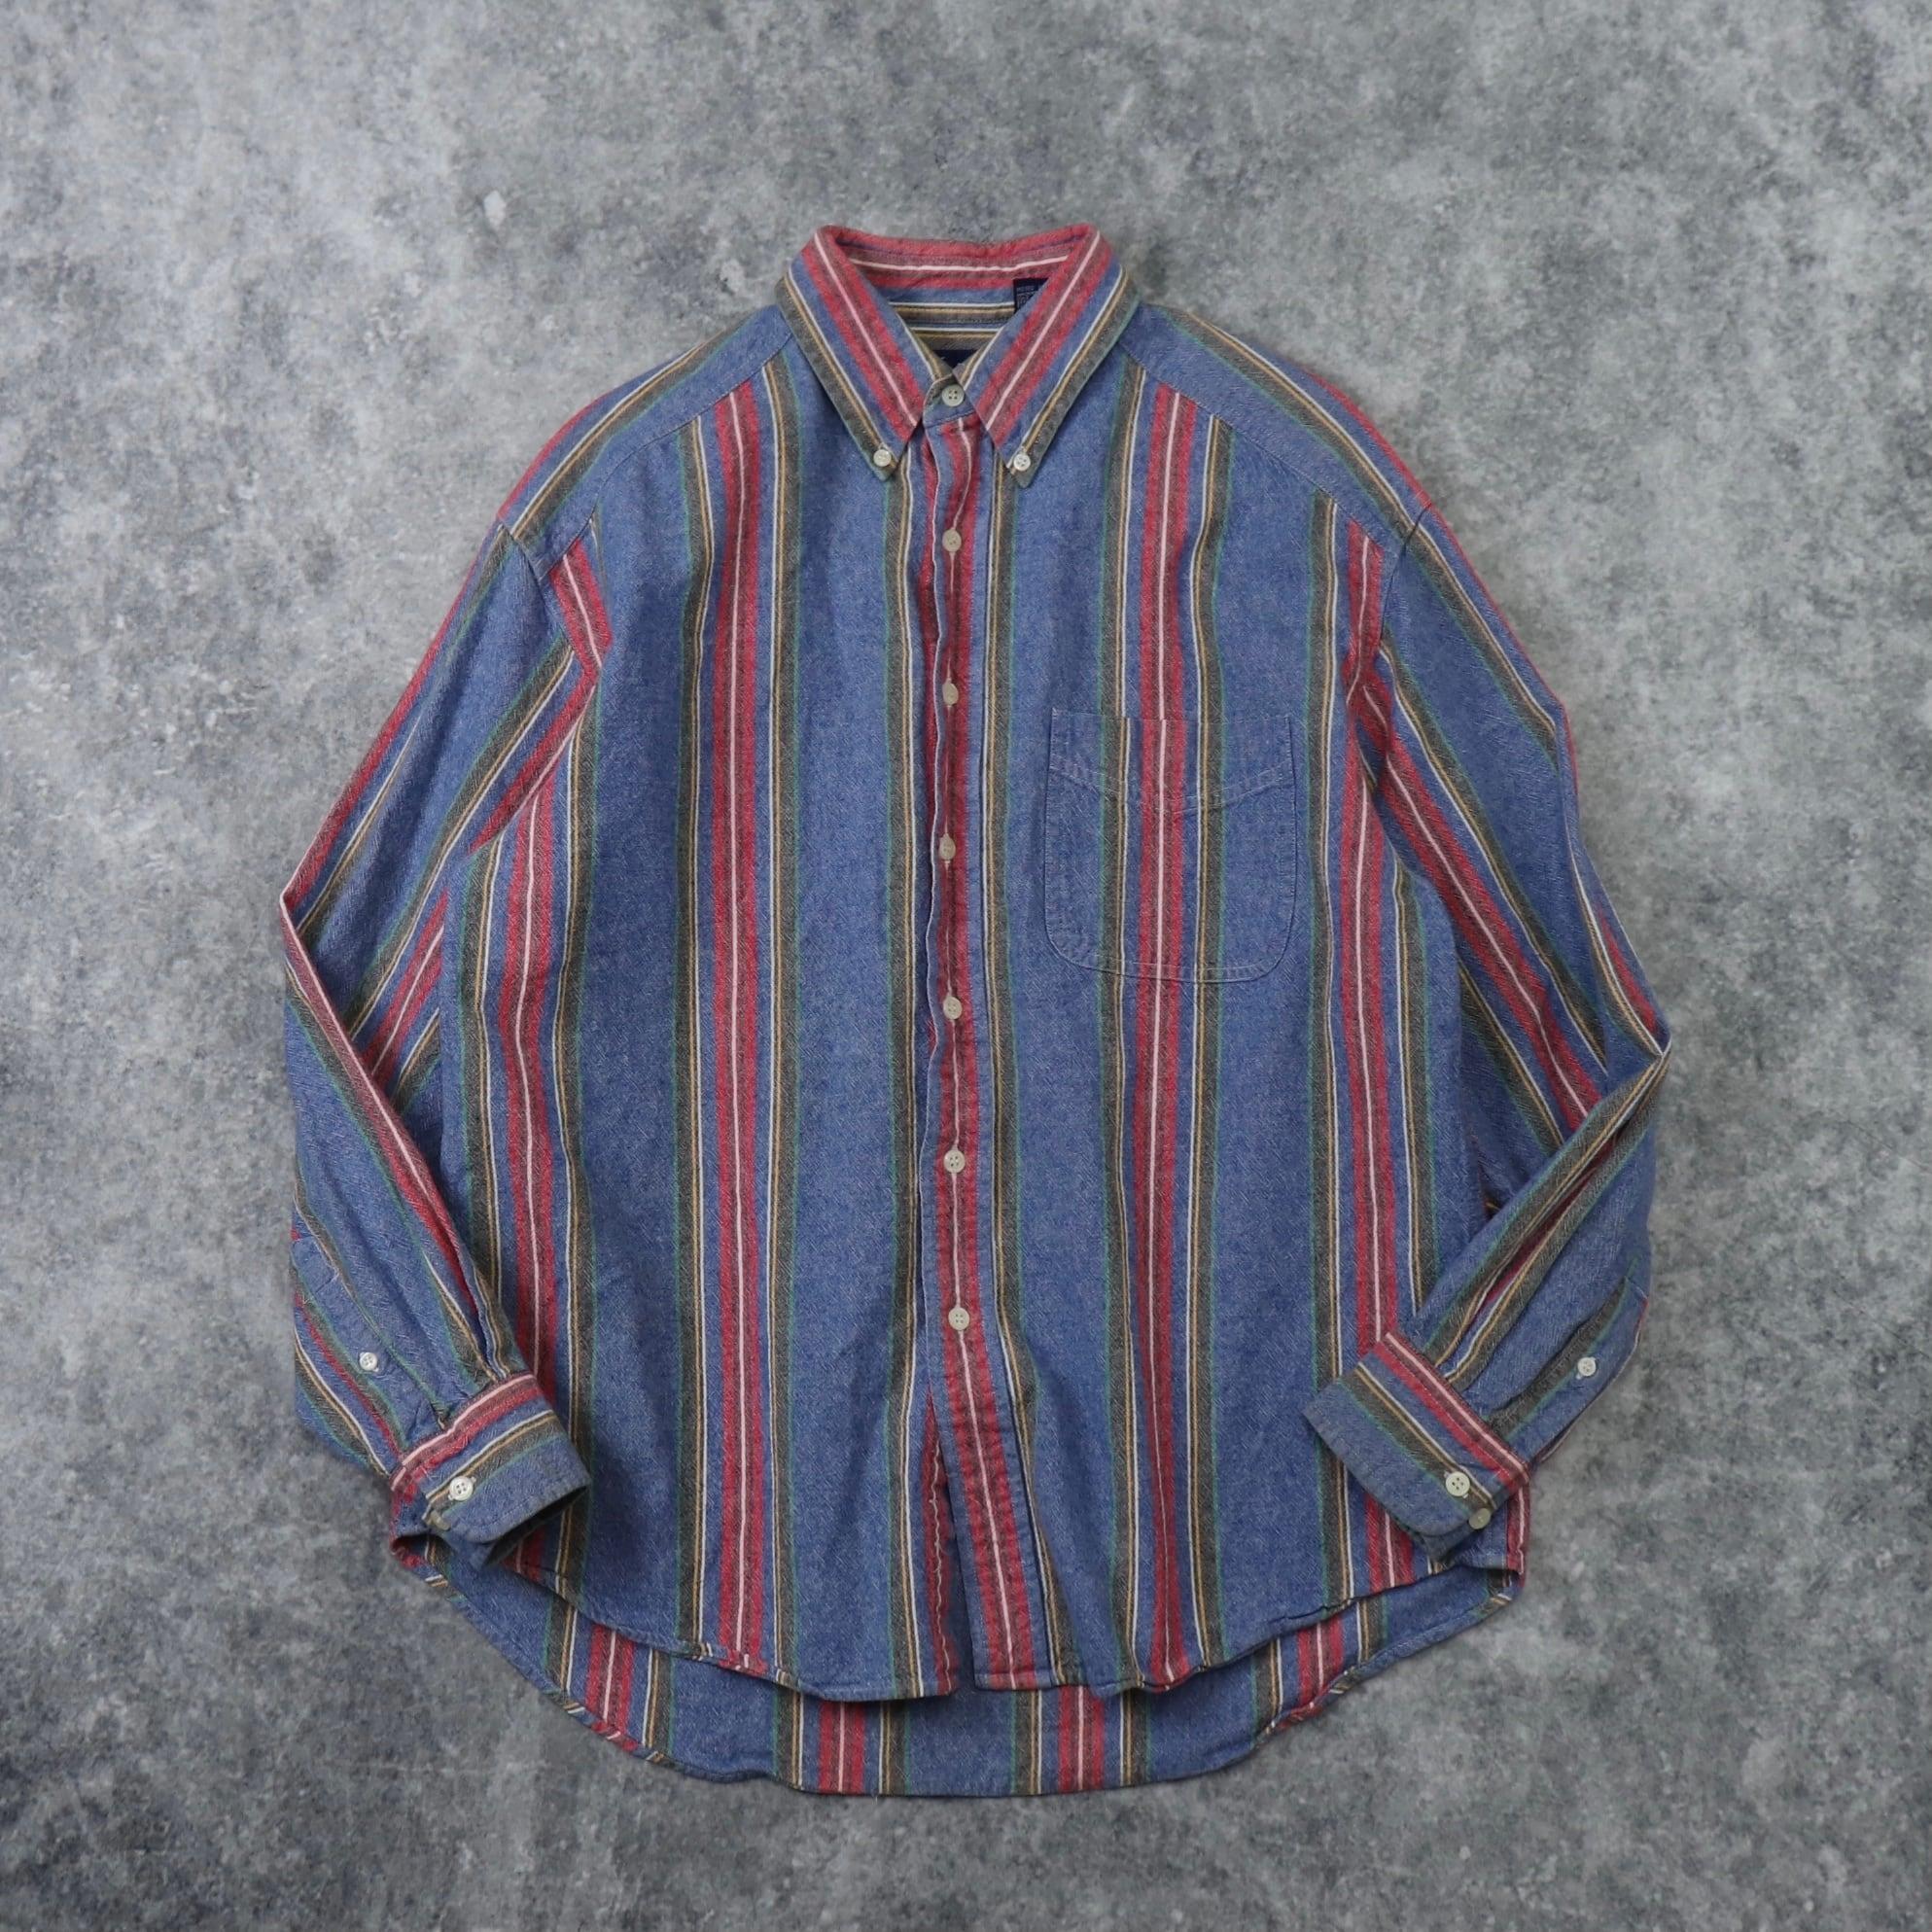 """90s  """" GAP """"  BD  Shirts   L    90年代 オールドギャップ ボタンダウンシャツ ストライプ柄 メンズL 古着 A579"""